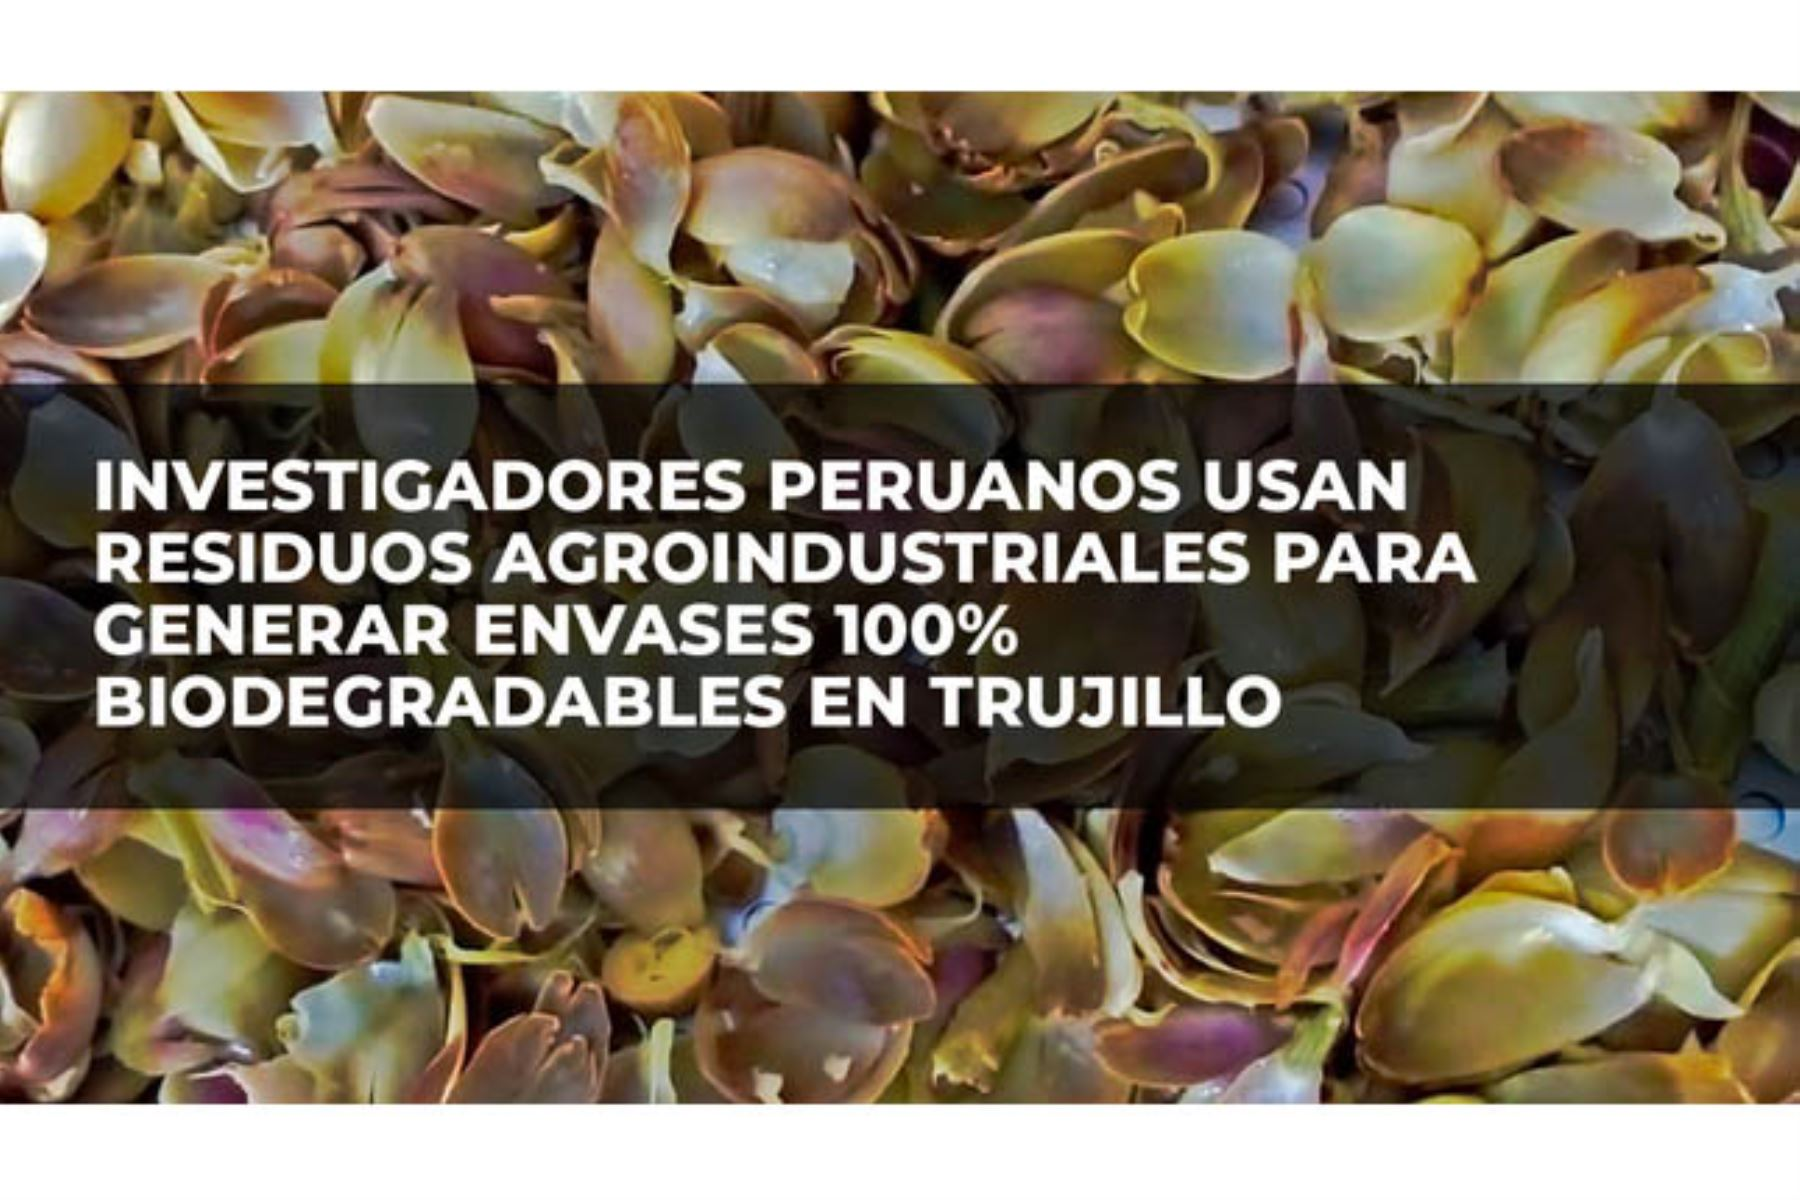 En la región La Libertad se promueve la economía circular mediante la utilización de residuos de peladilla del espárrago, semilla de palta, pepa y cáscara de mango, el orujo de la uva, y el uso de nanotecnología. Foto: ANDINA/Difusión